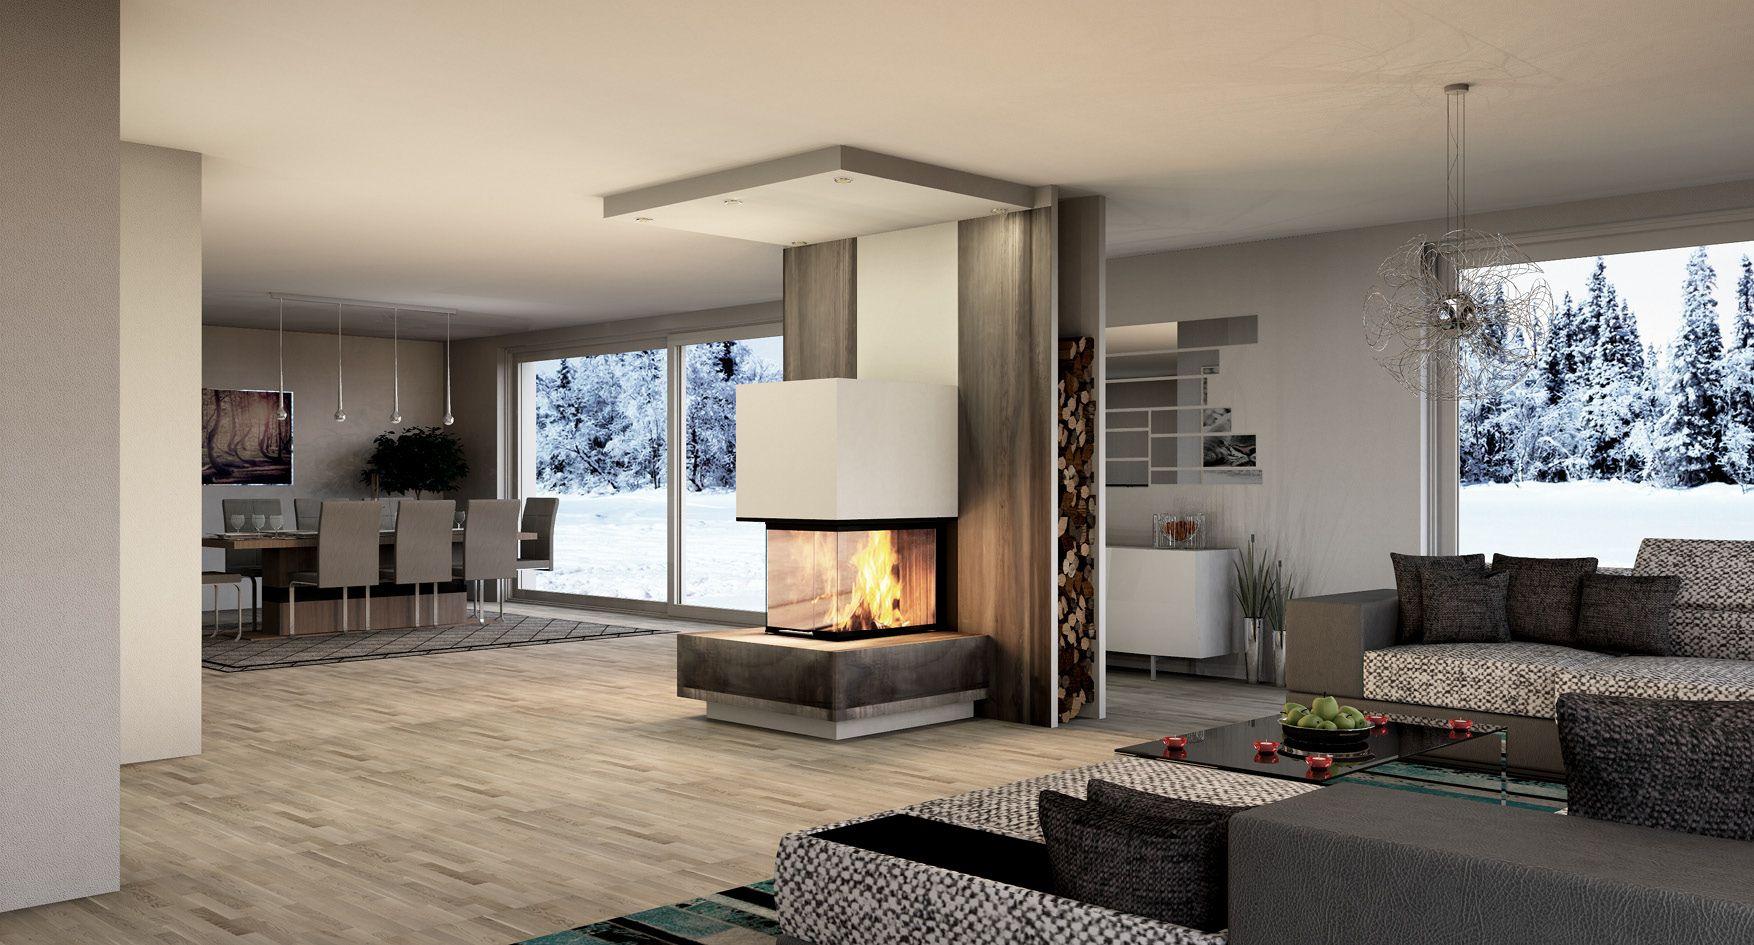 Raumteiler wohnzimmer ~ Pin von norbibarbi auf raumteiler wohnzimmer mit küchen